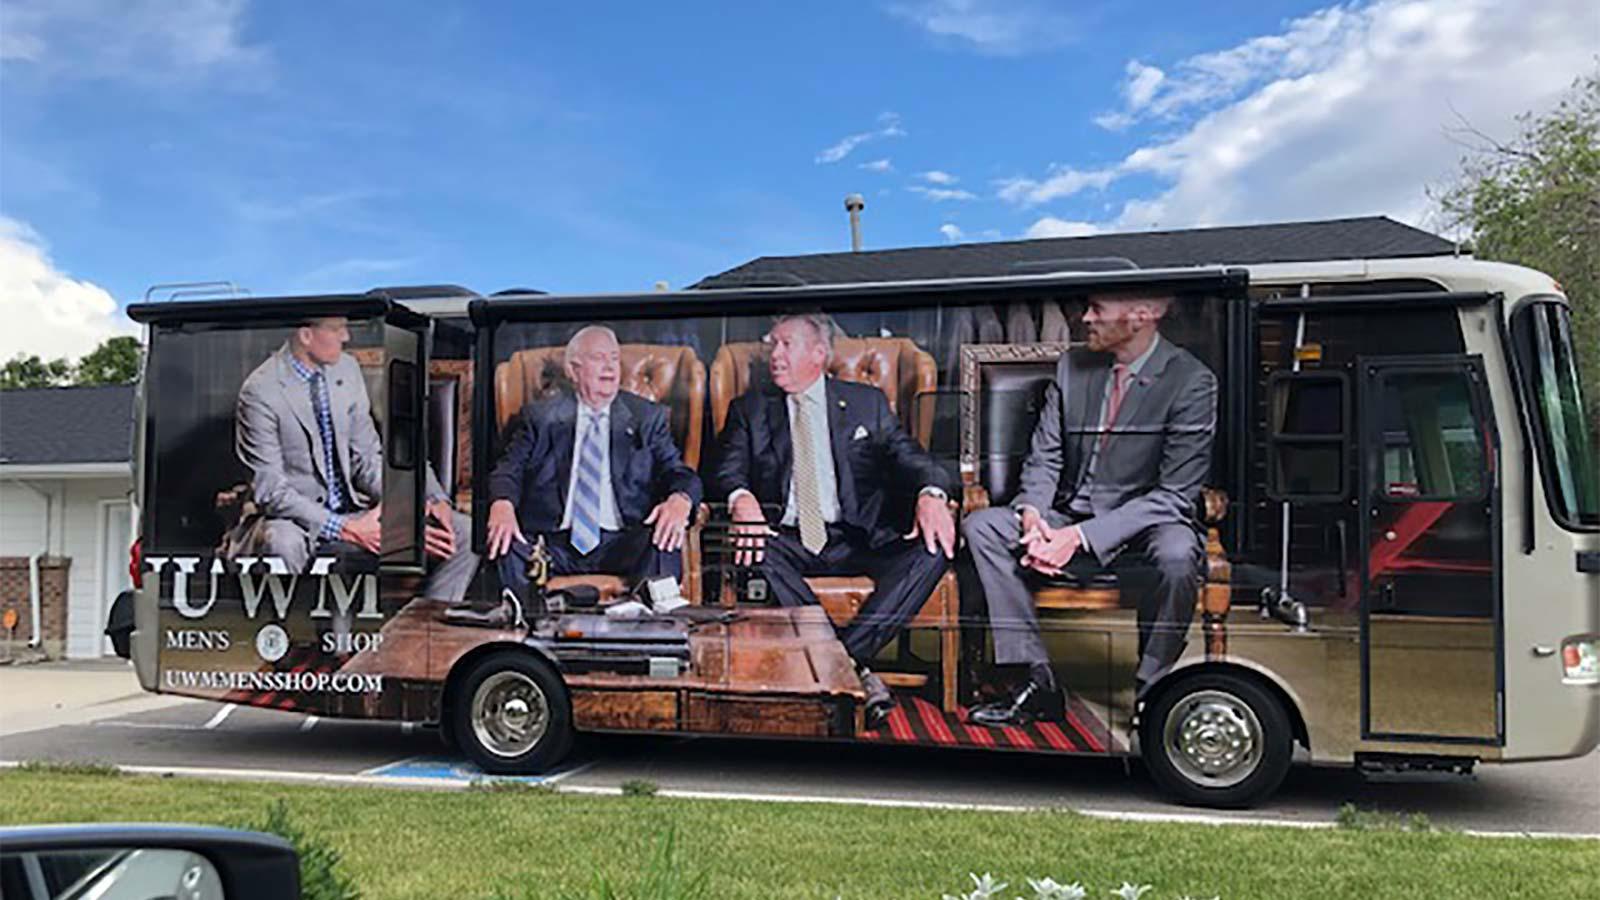 UMW Men's Shop bus. Fitting clients for suits